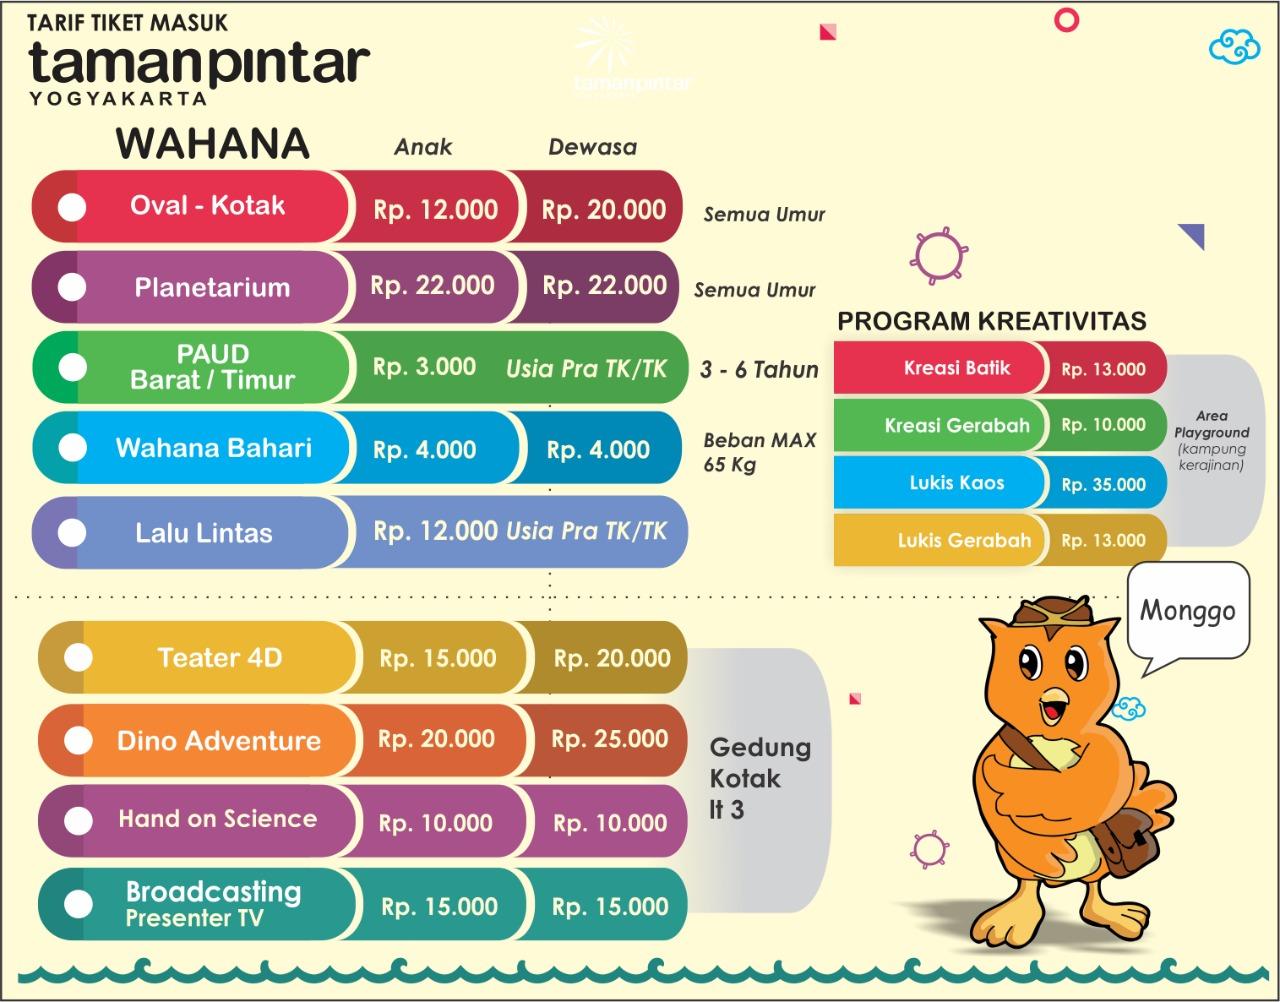 Harga Tiket Masuk Wahana Taman Pintar Yogyakarta